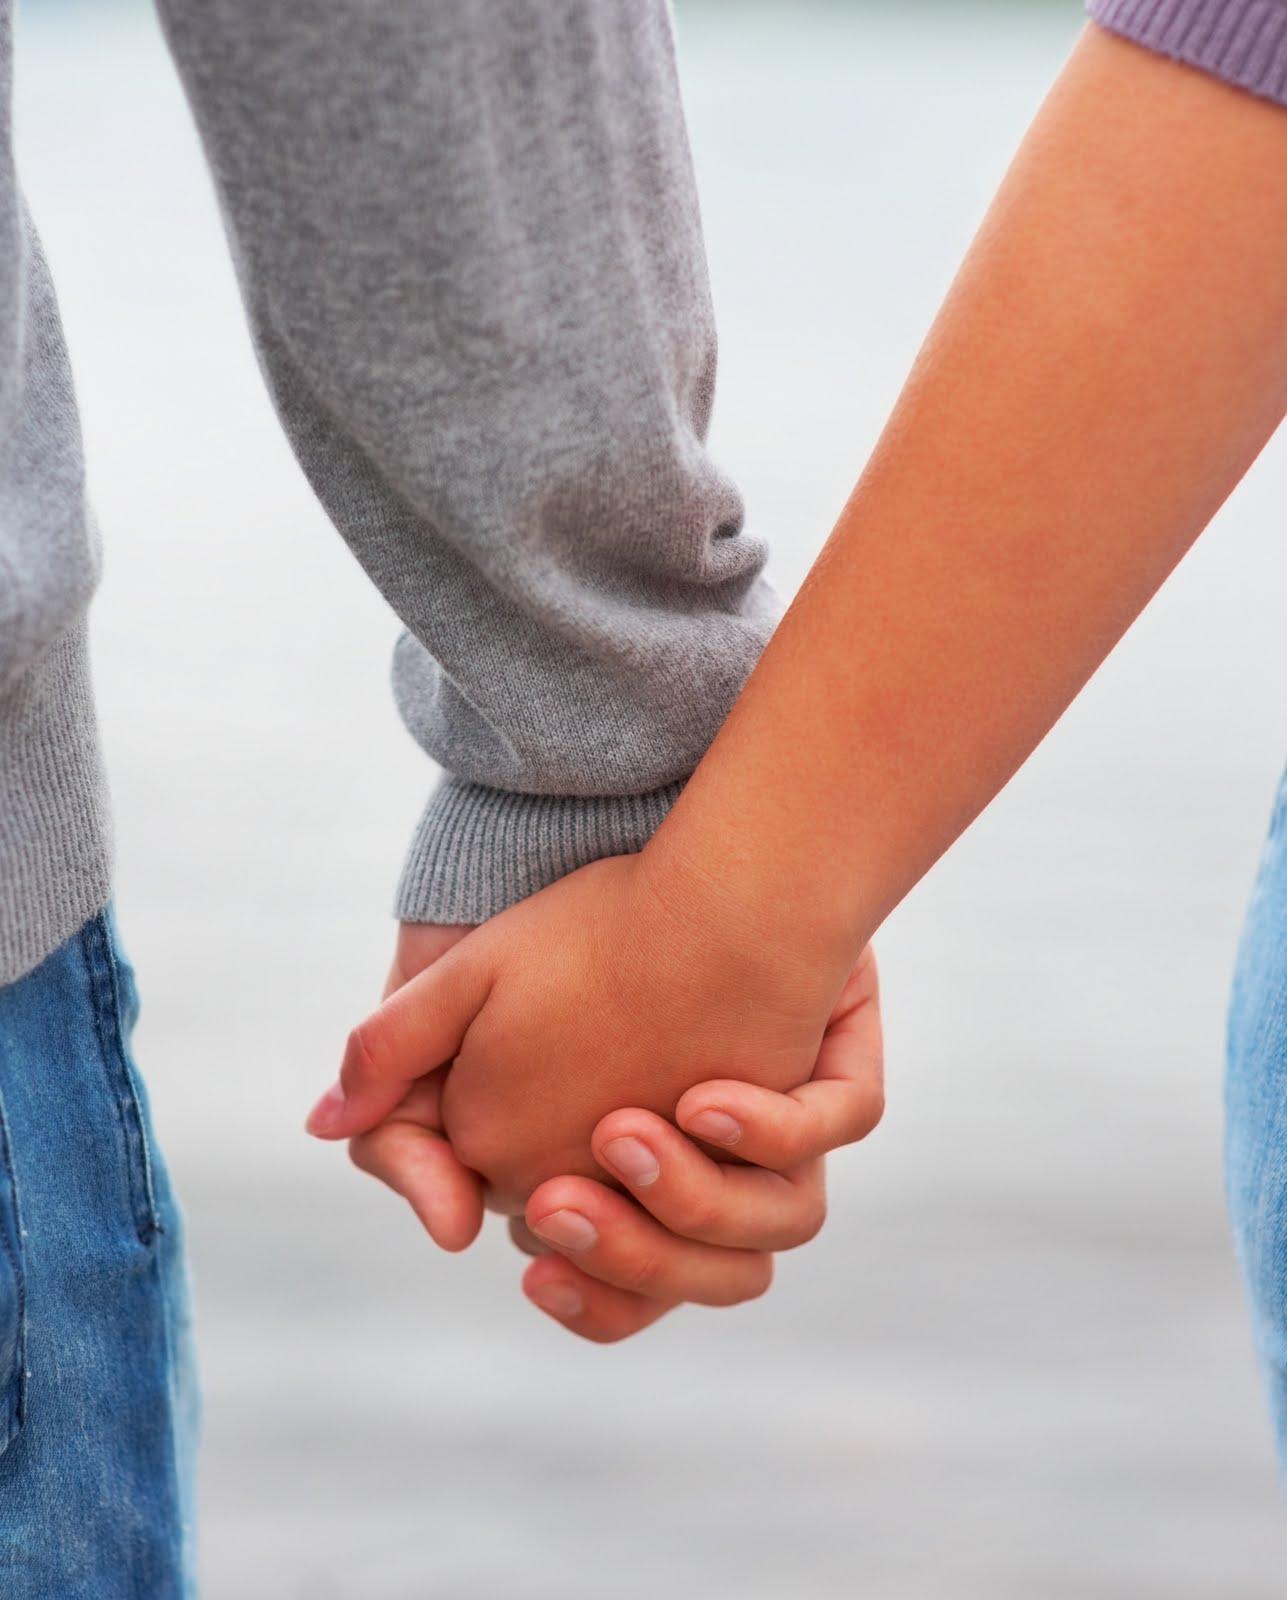 Парень берет мои руки в свои